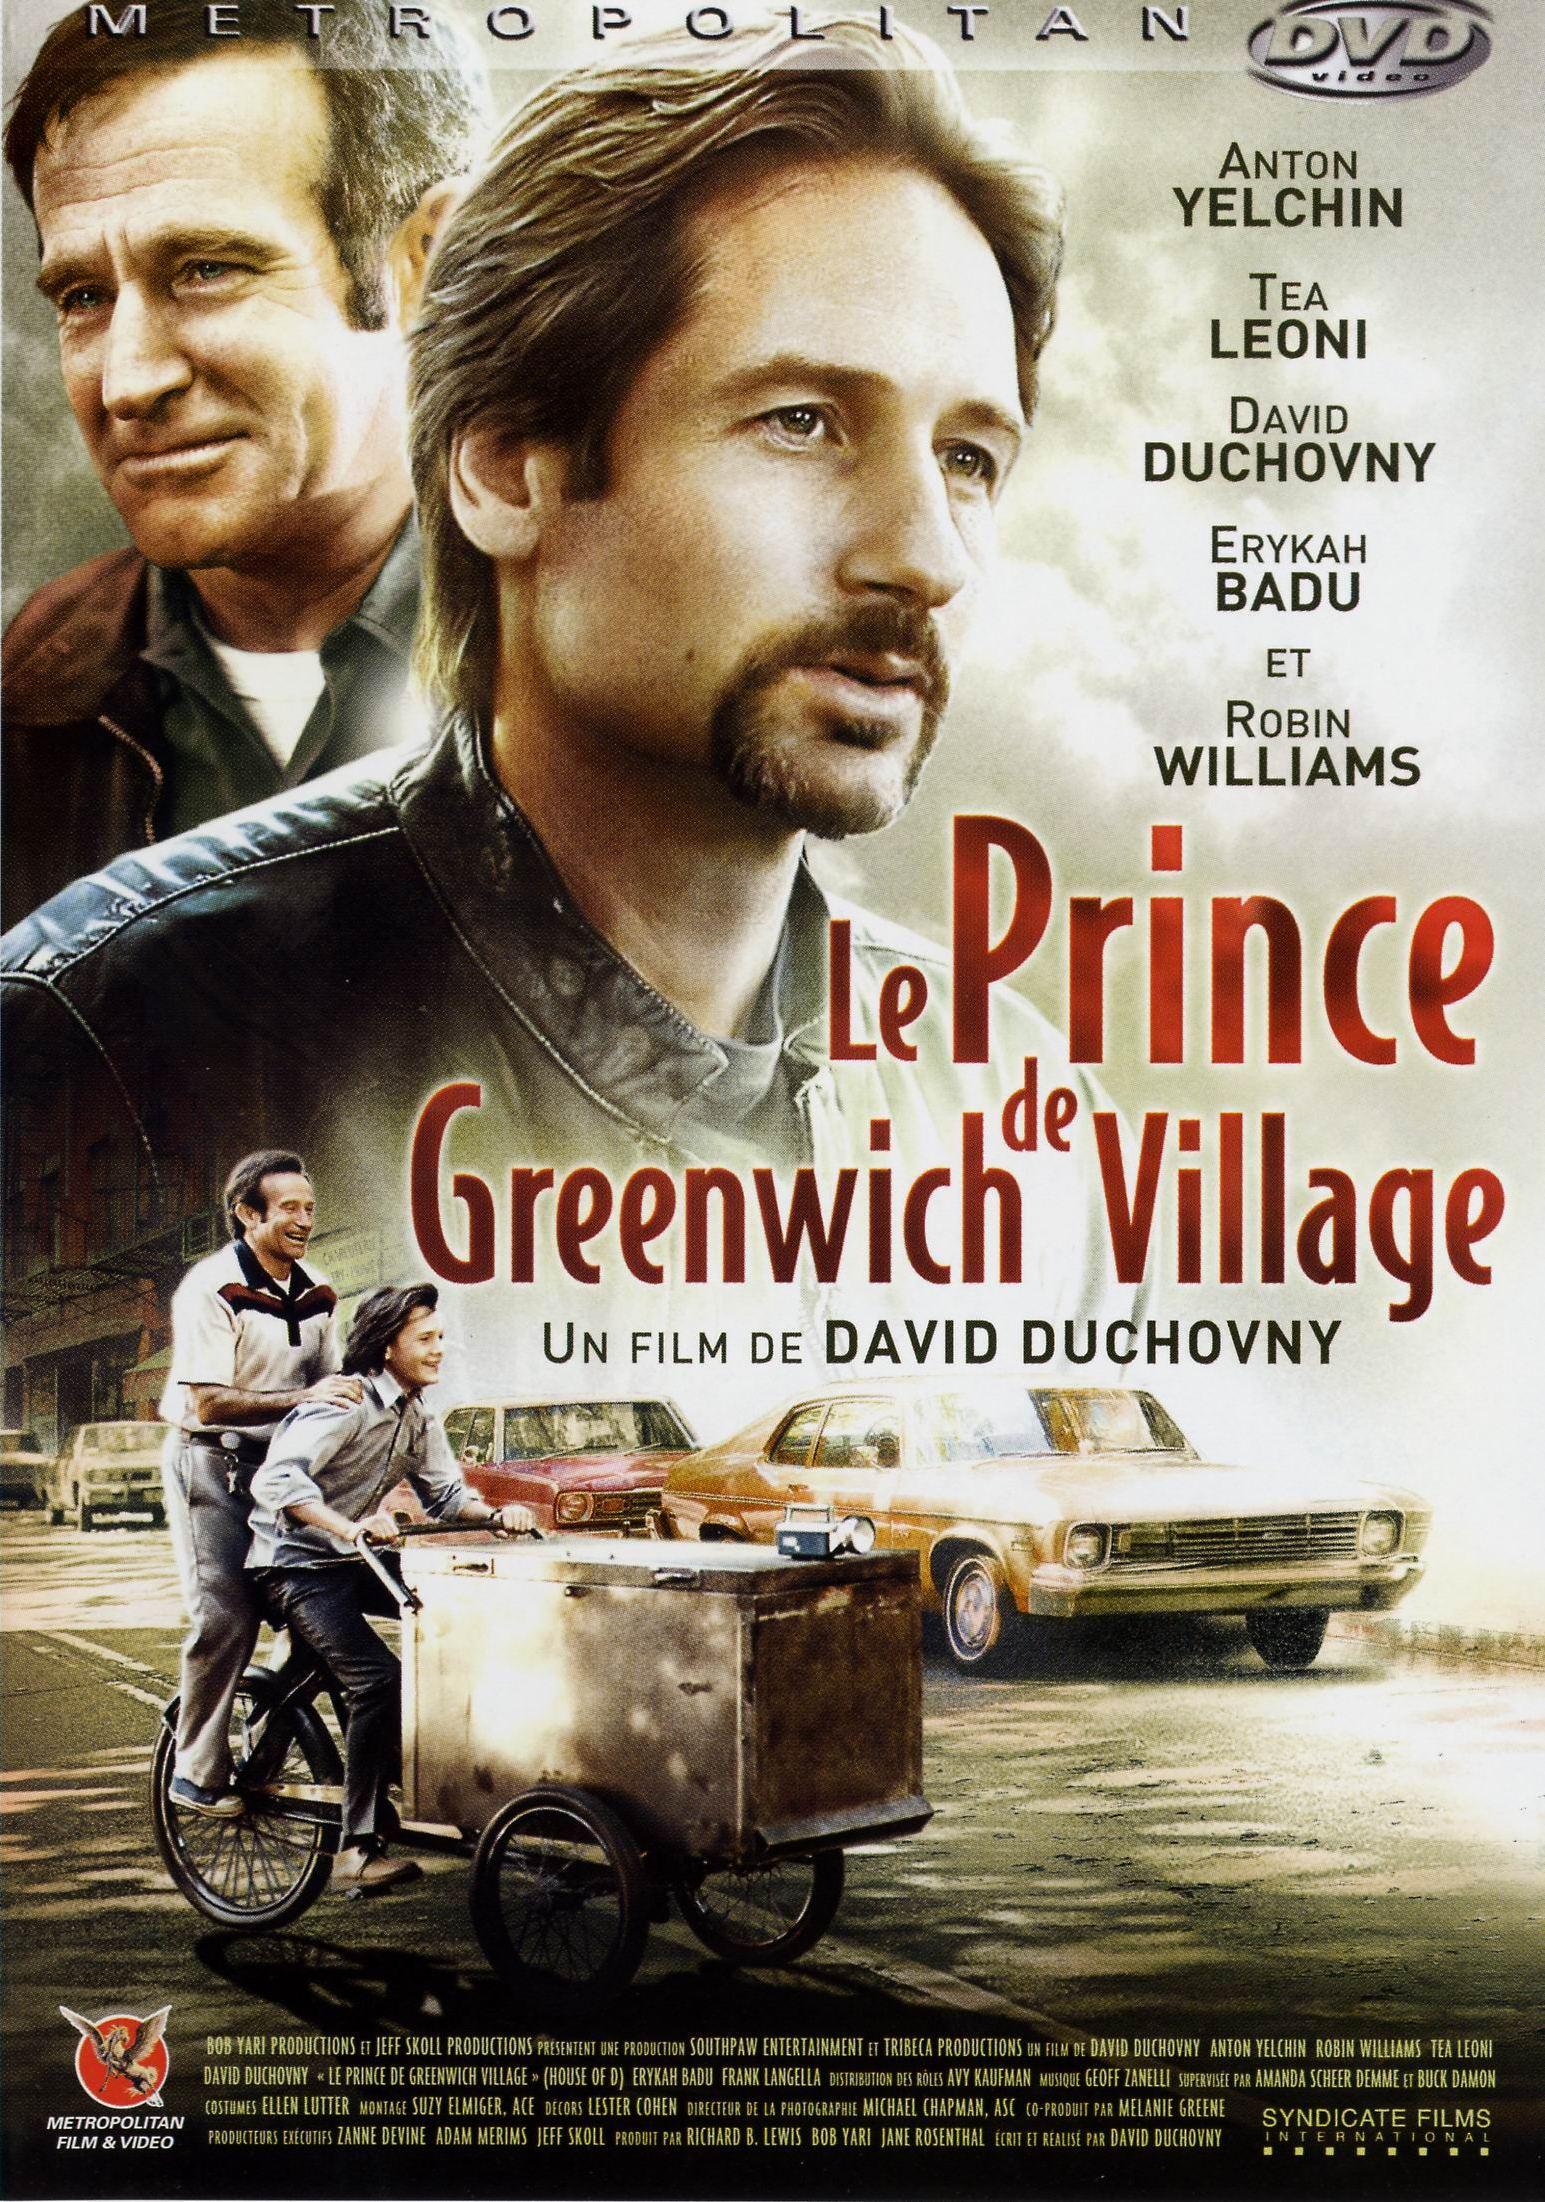 affiche du film Le prince de Greenwich Village